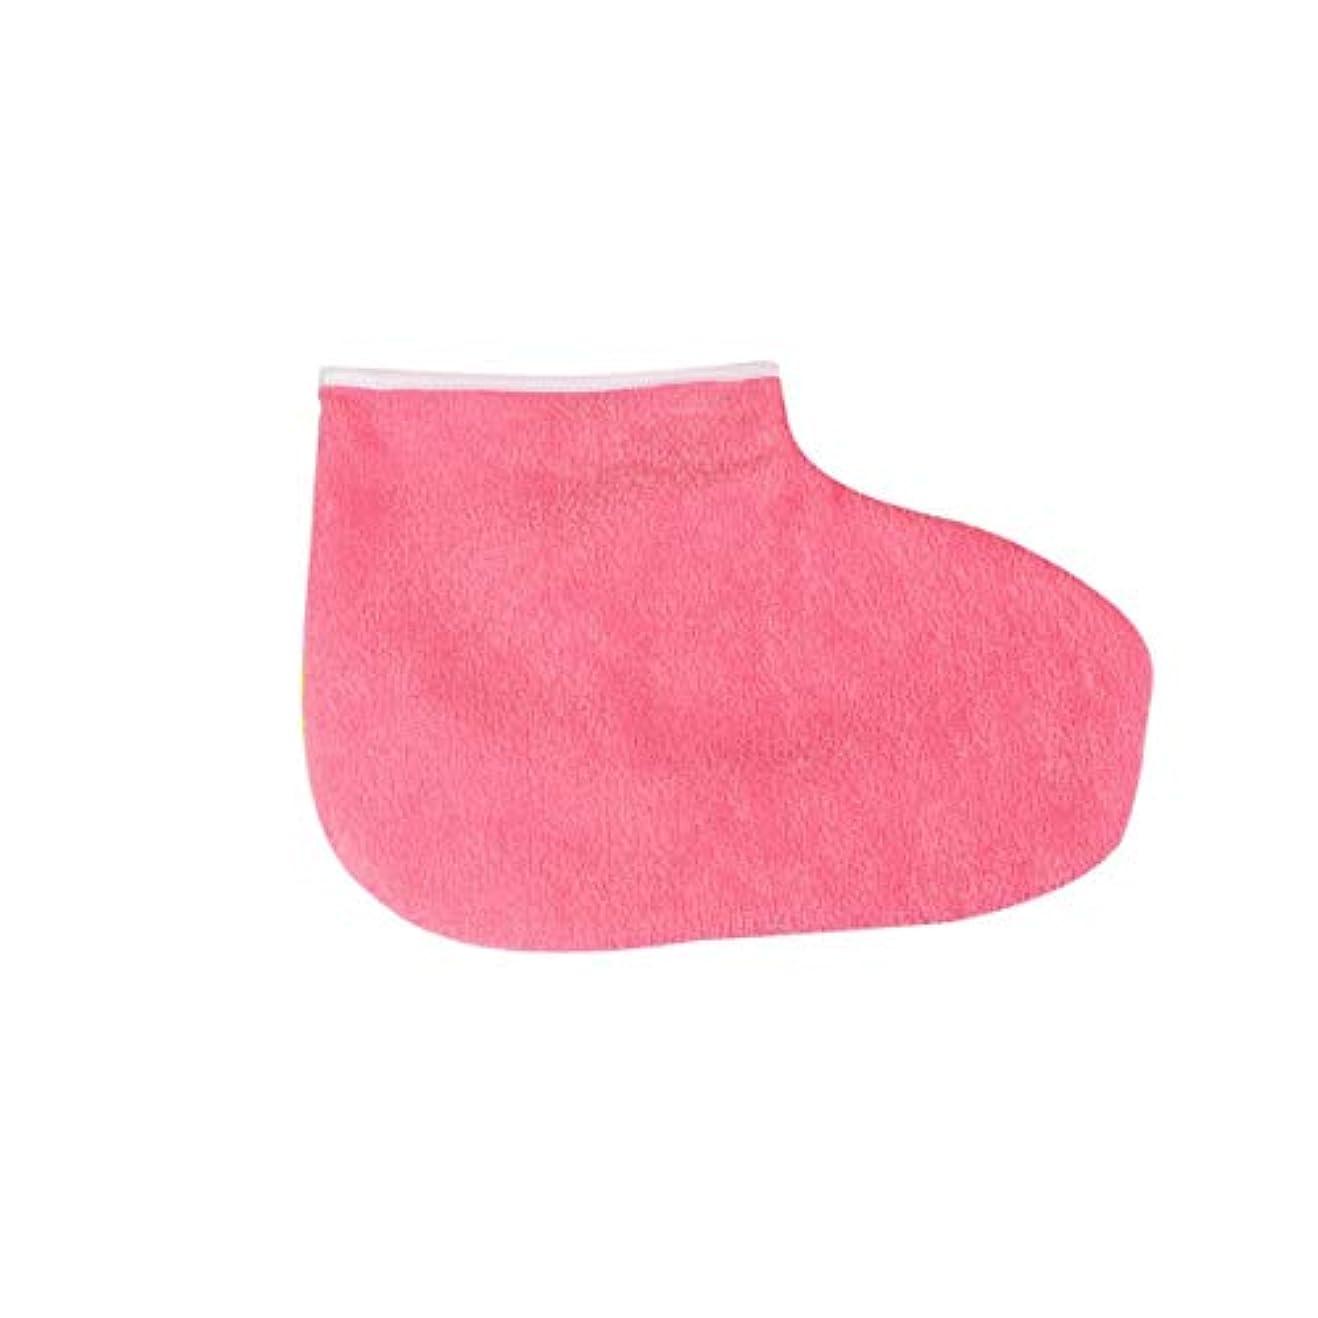 ラップトップチョーク文房具Intercorey 1ペアパラフィンワックス保護フットマスク手袋足肌保湿スリーブ美白角質除去ソックス